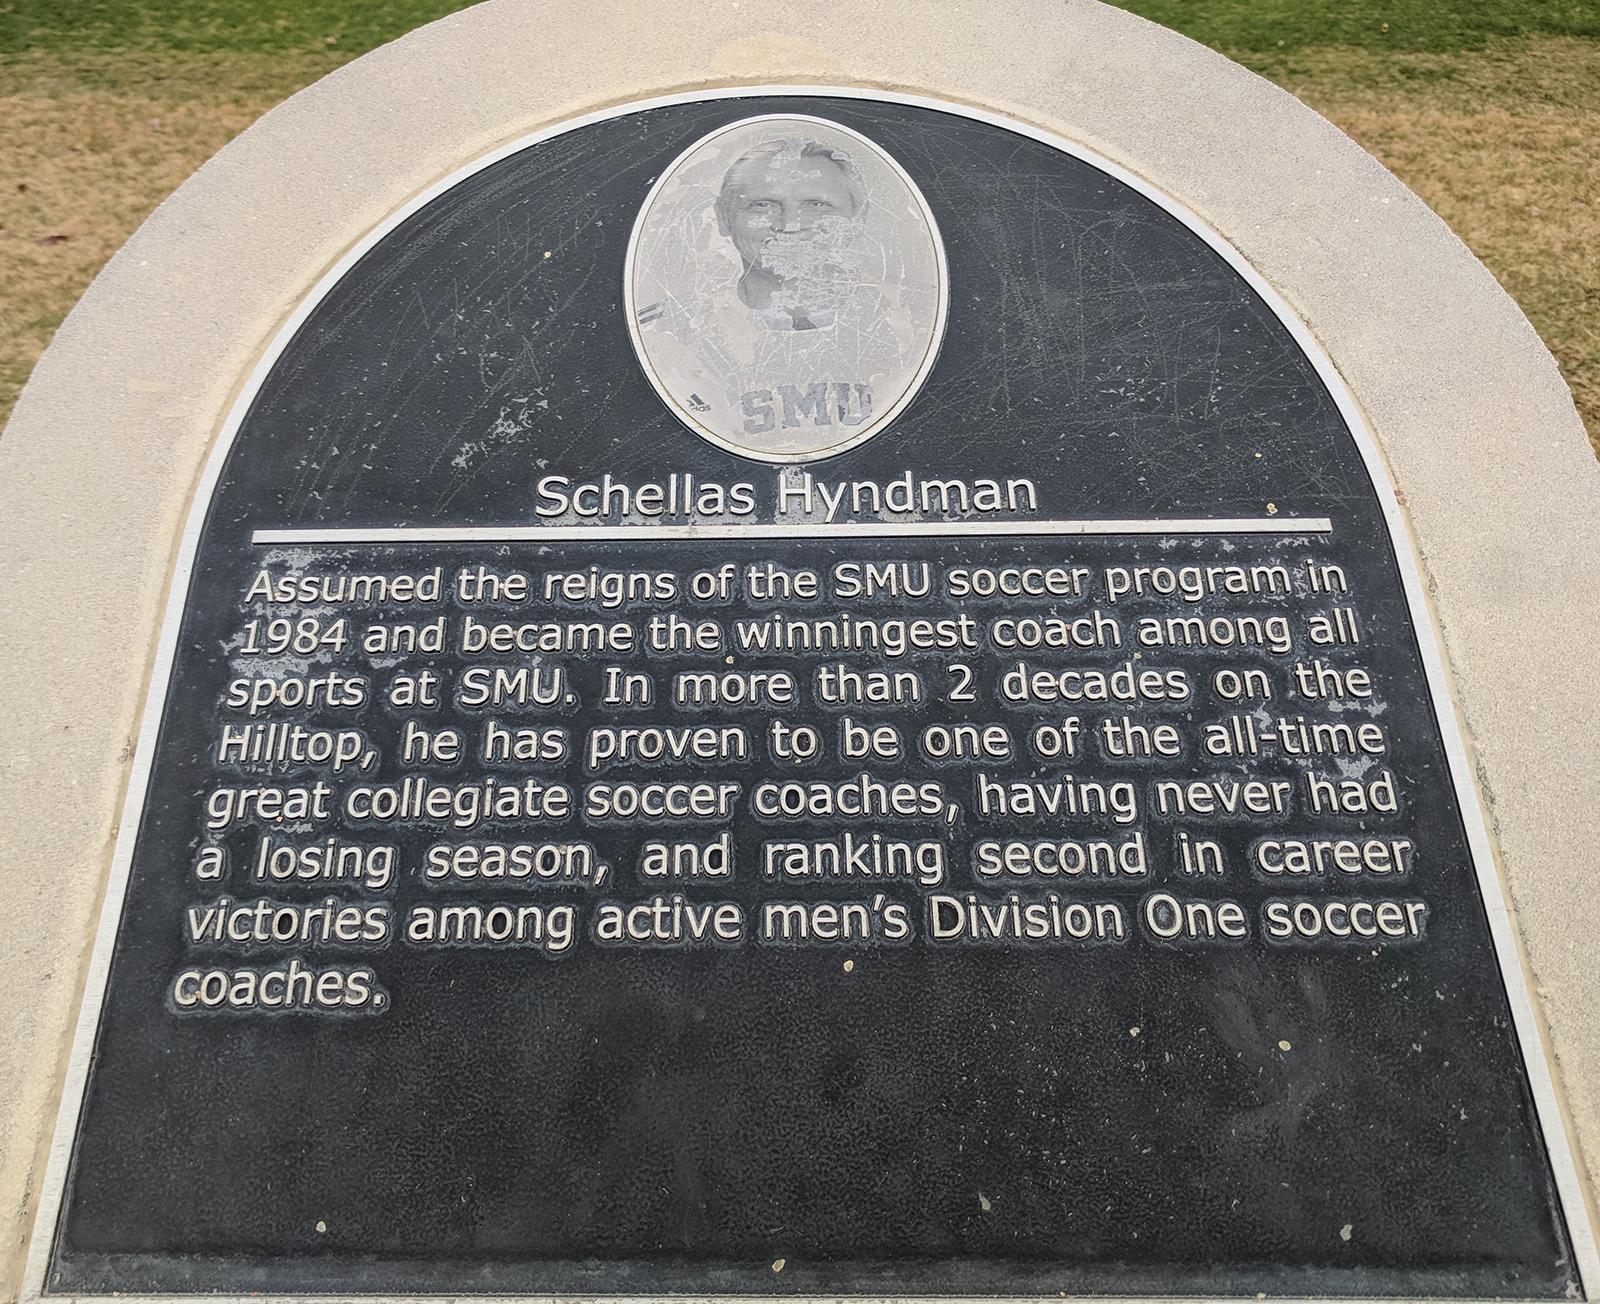 SchellasHyndman